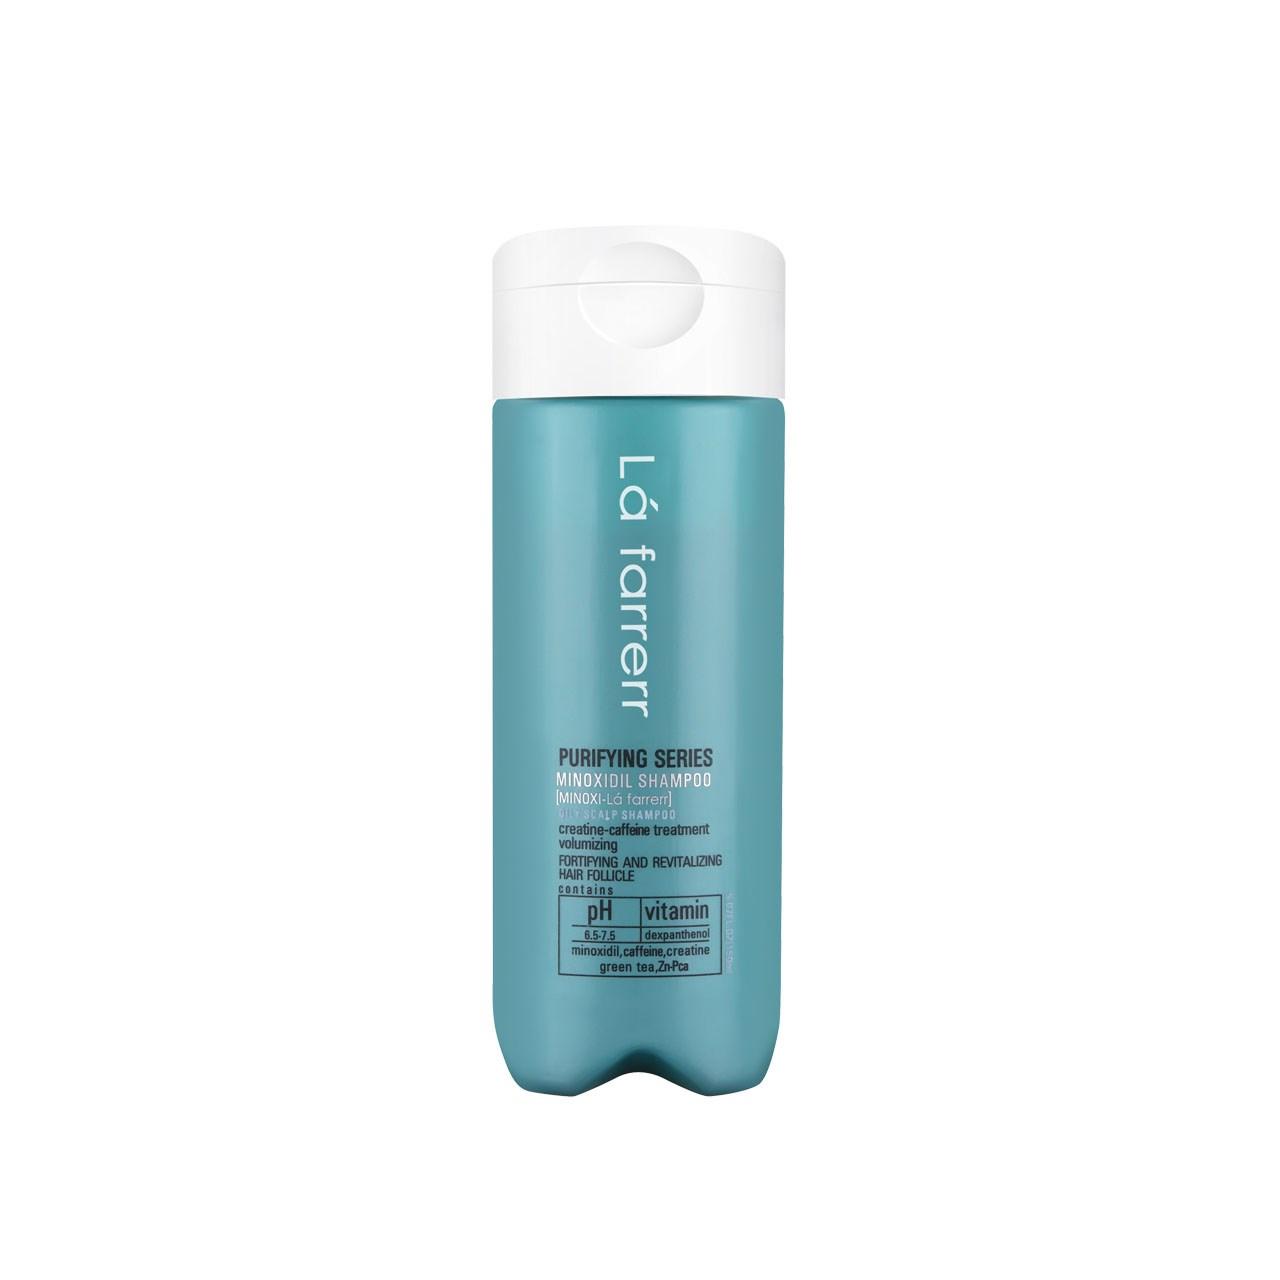 قیمت شامپو ضد ریزش ماینوکسی لافارر مدل Minoxi For Oily Hair حجم 150 میلی لیتر